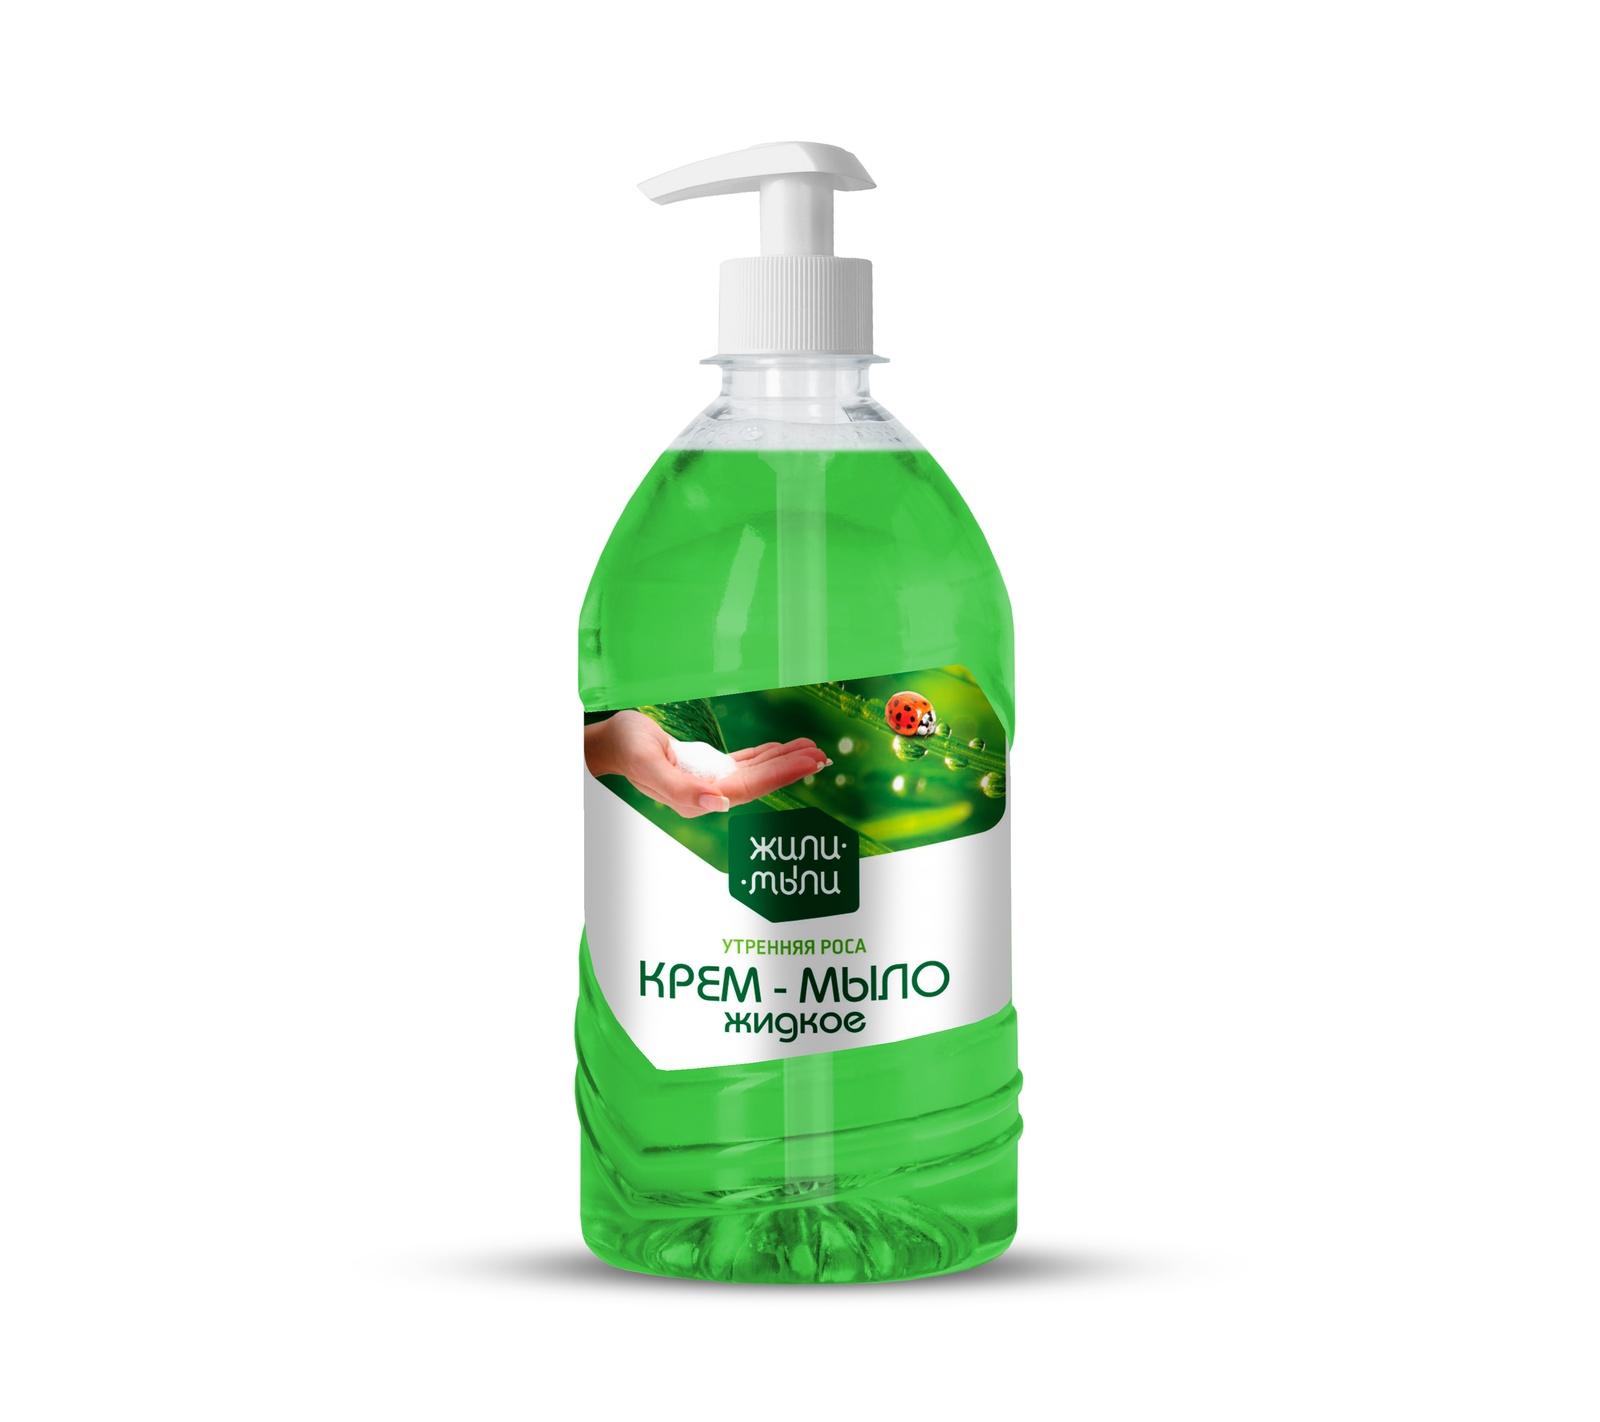 Жидкое мыло Жили-Мыли Утренняя роса недорого